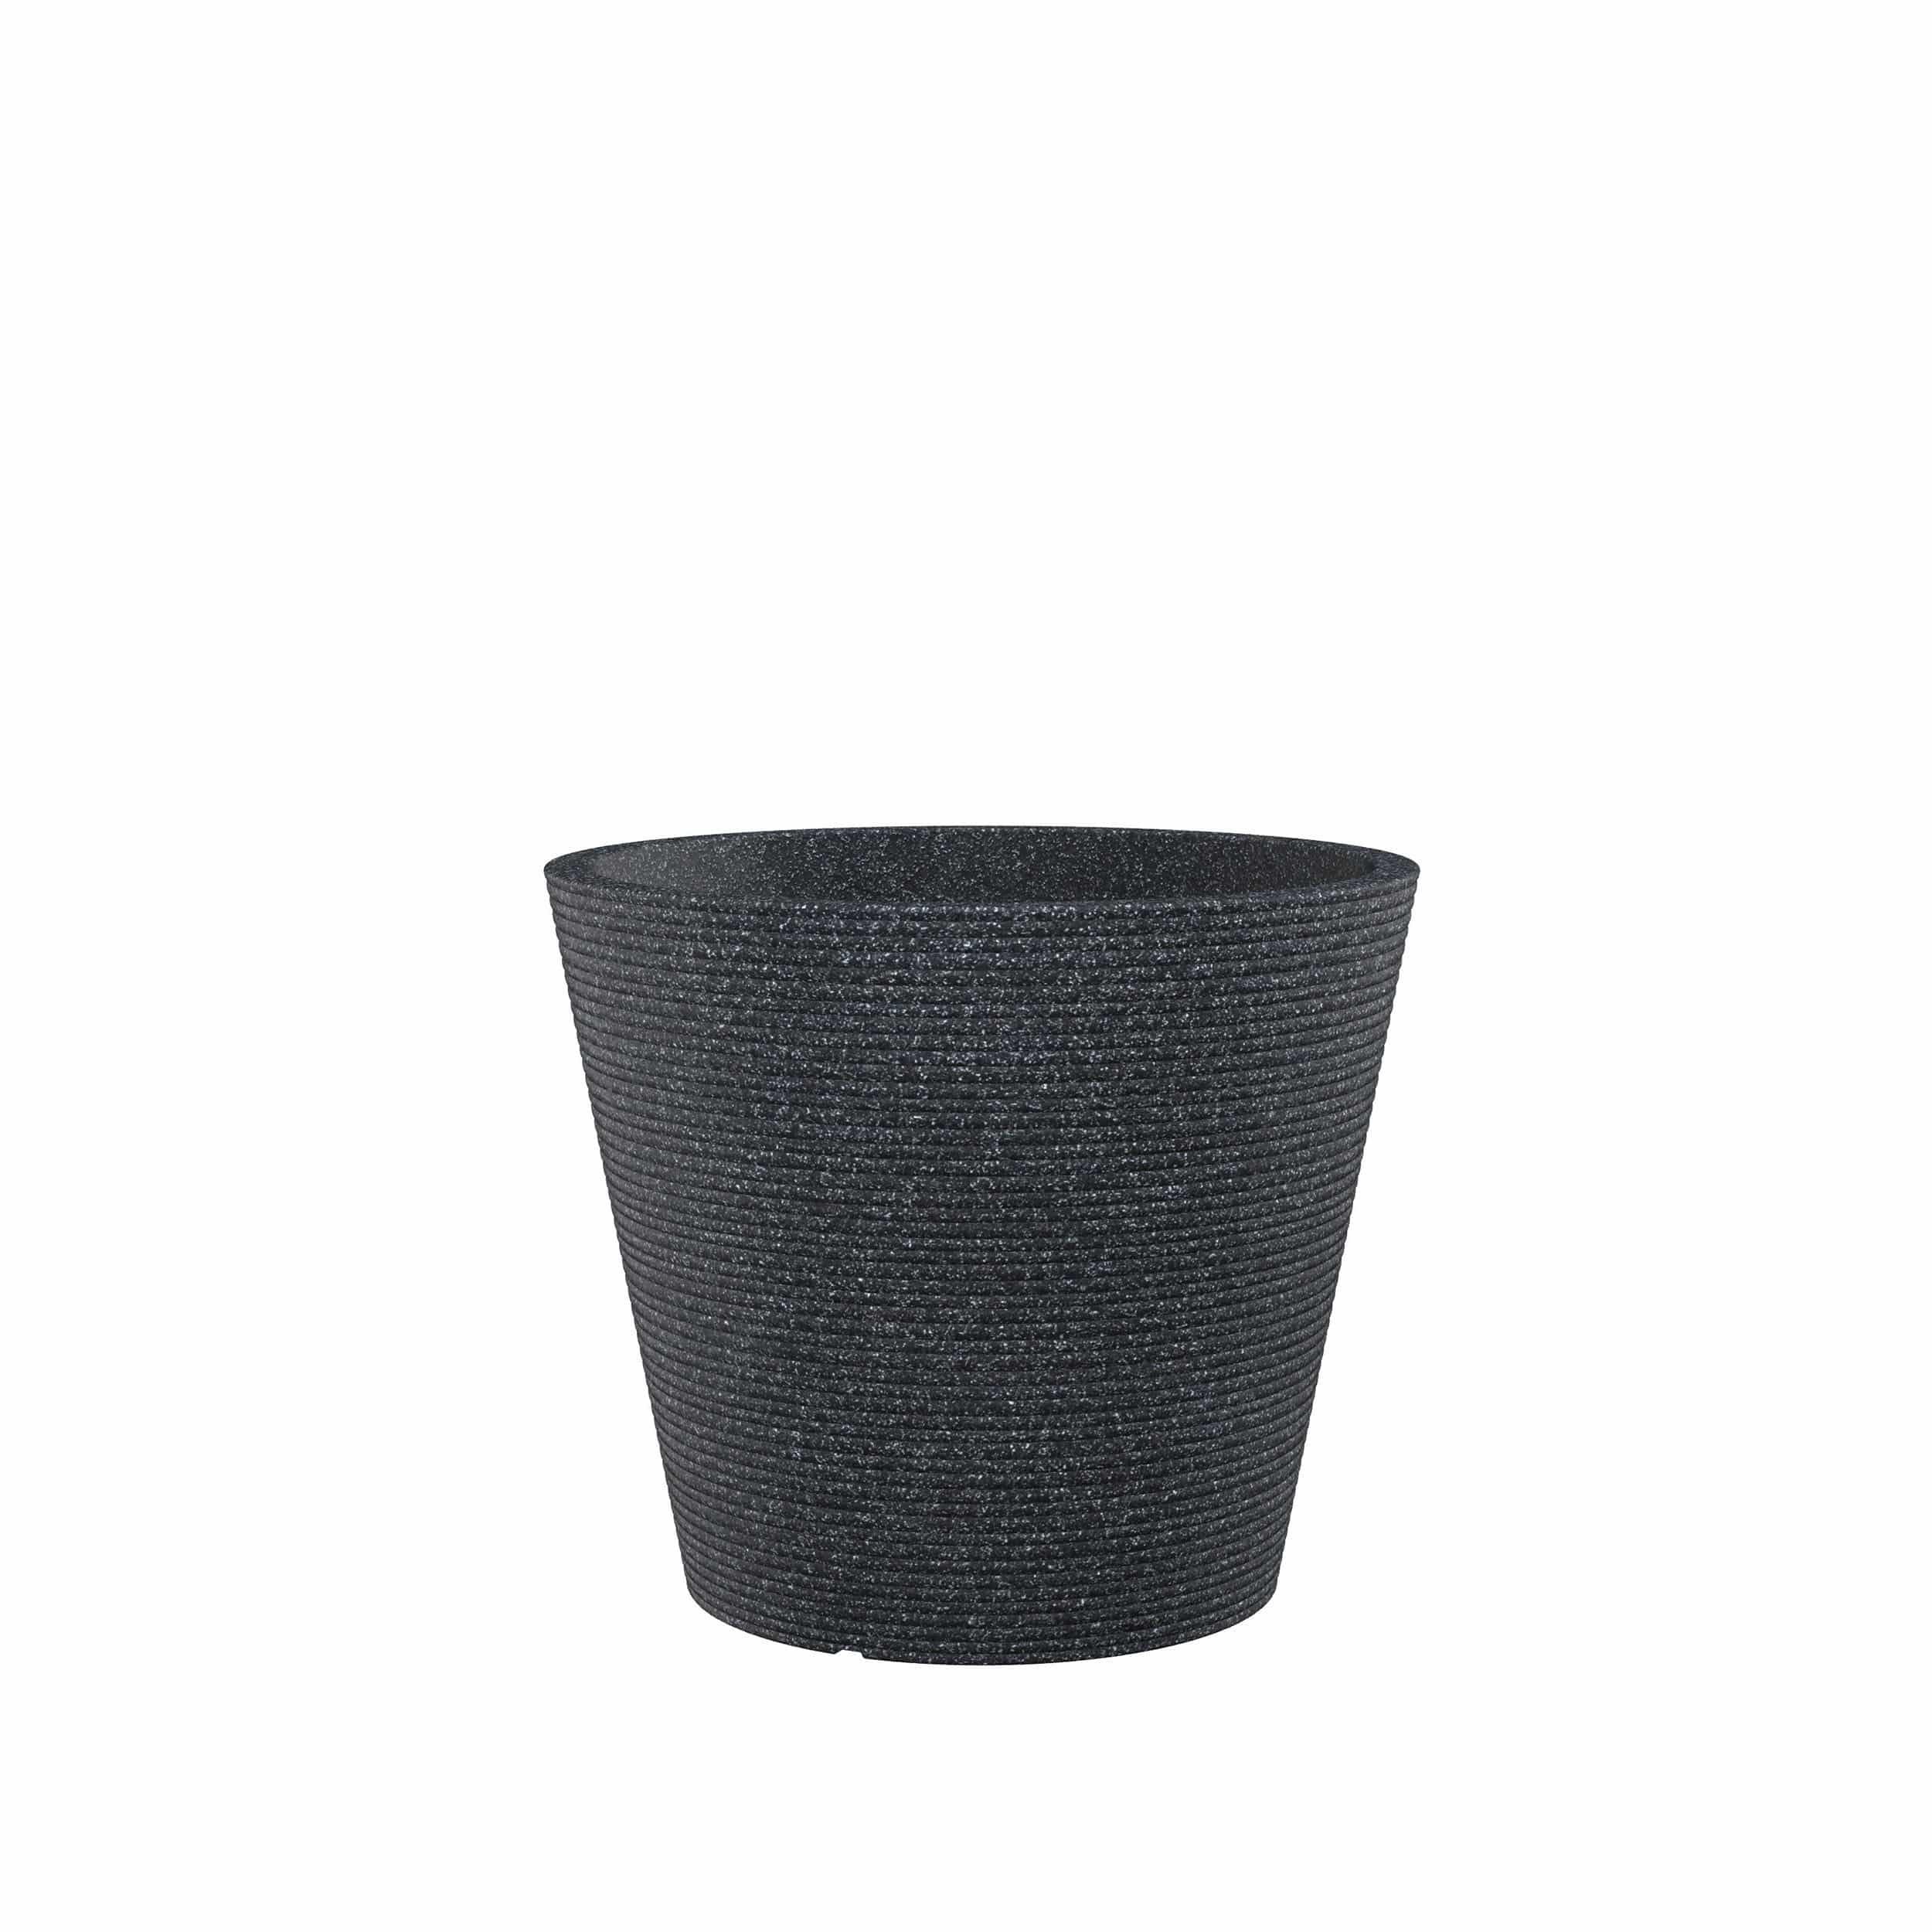 Blumenkübel Coneo D40 cm schwarz